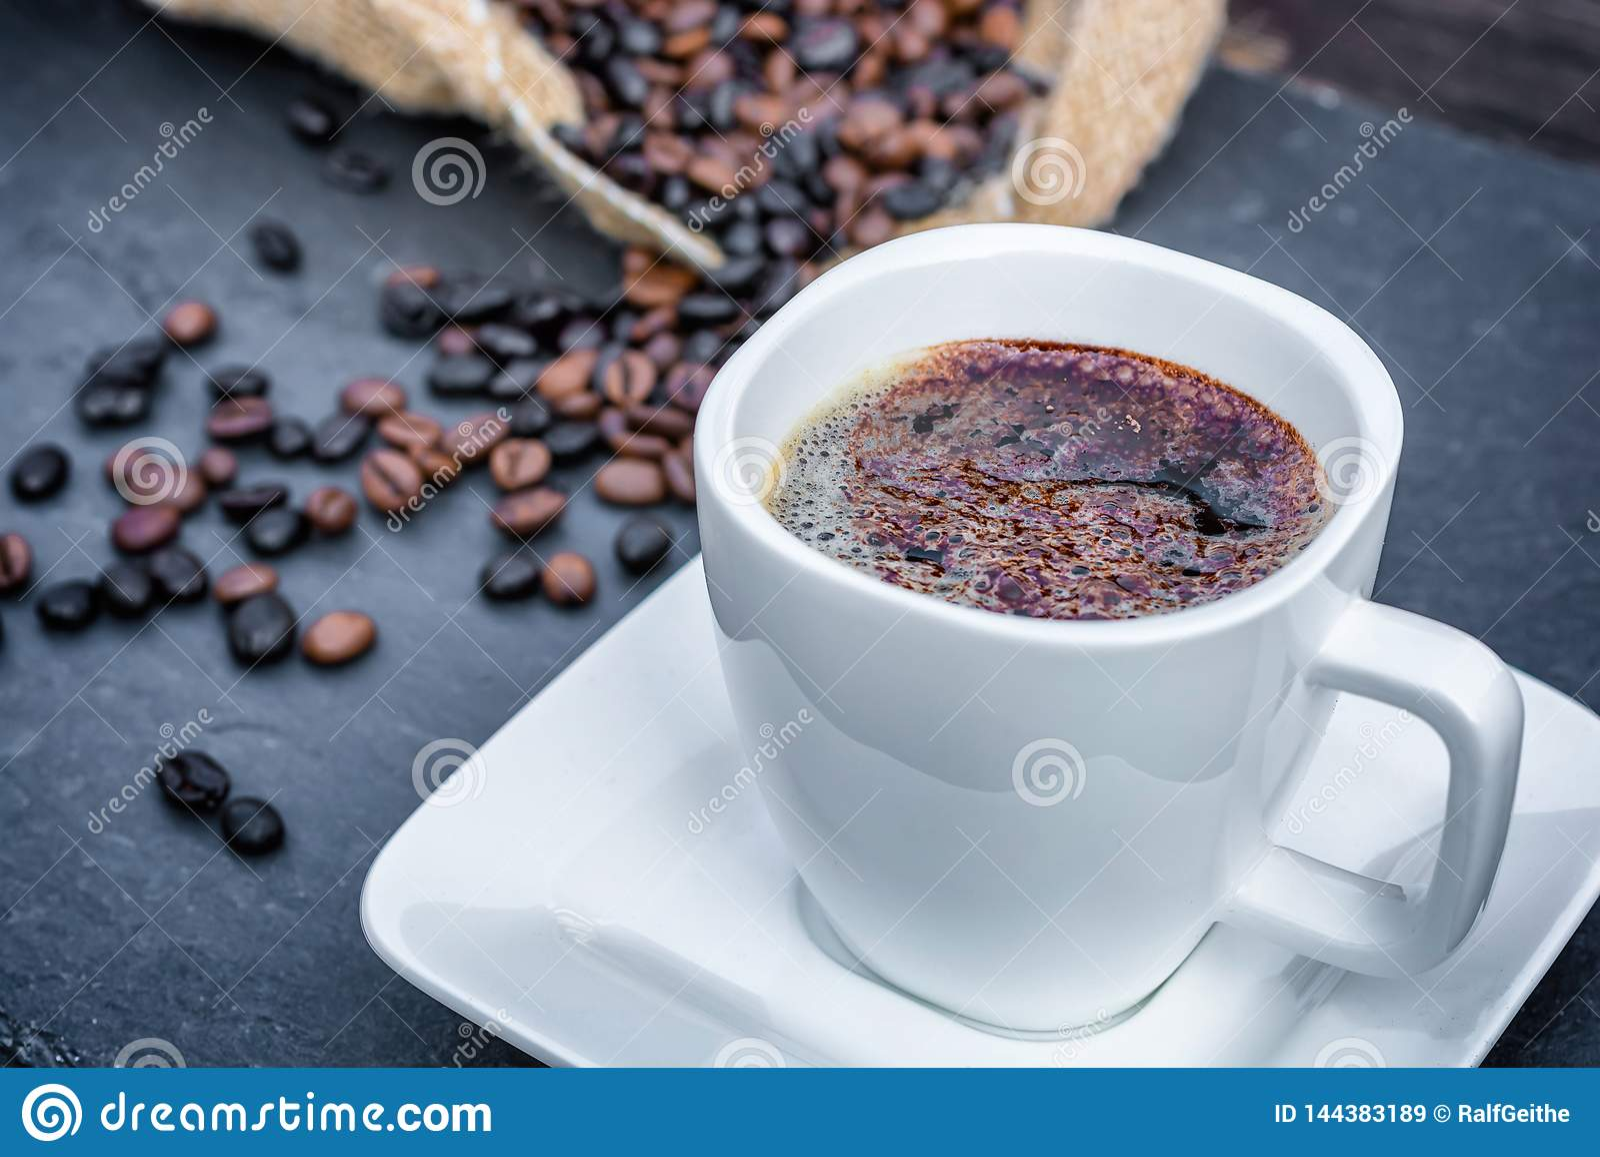 Caffè con cacao in polvere decorato per un godimento celeste